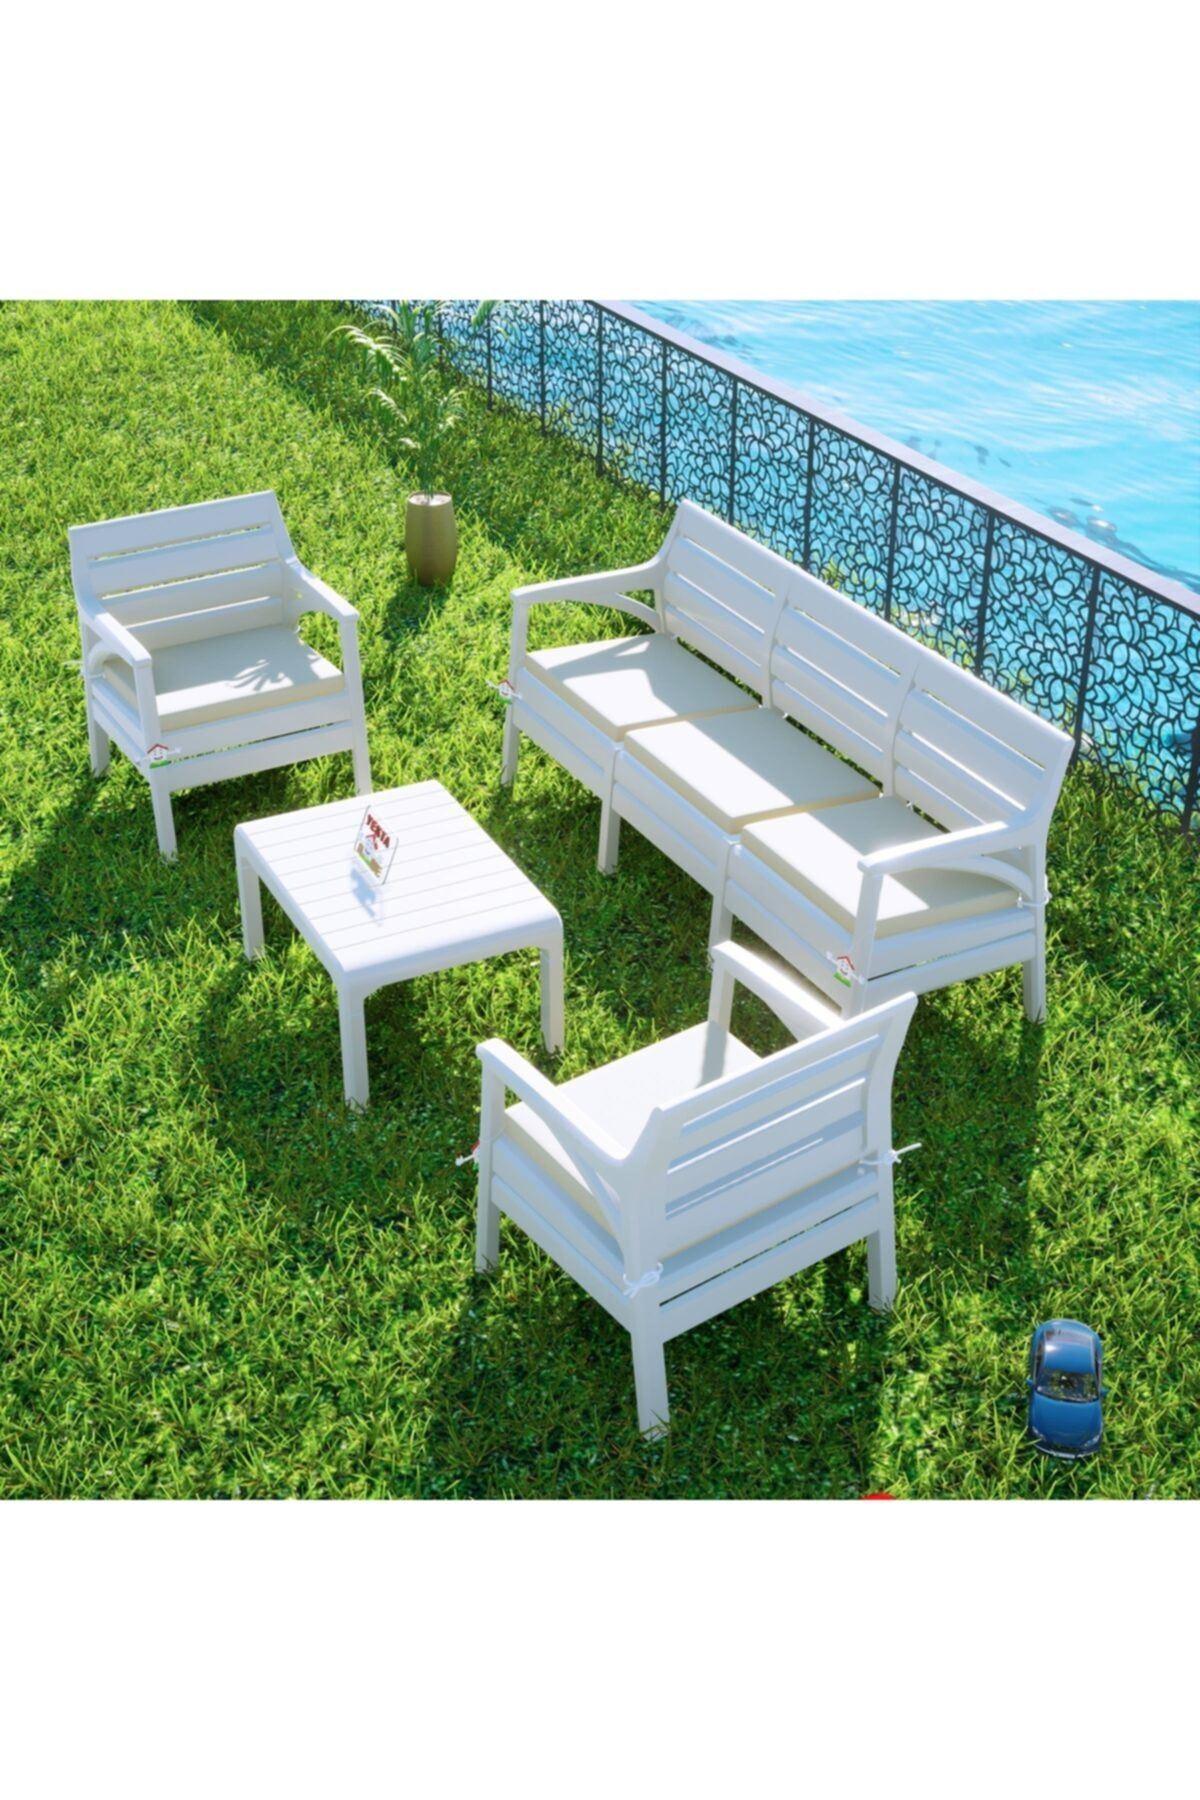 Hawaii Oturma Grubu Bahçe Ve Balkon Koltuk Takımı Beyaz